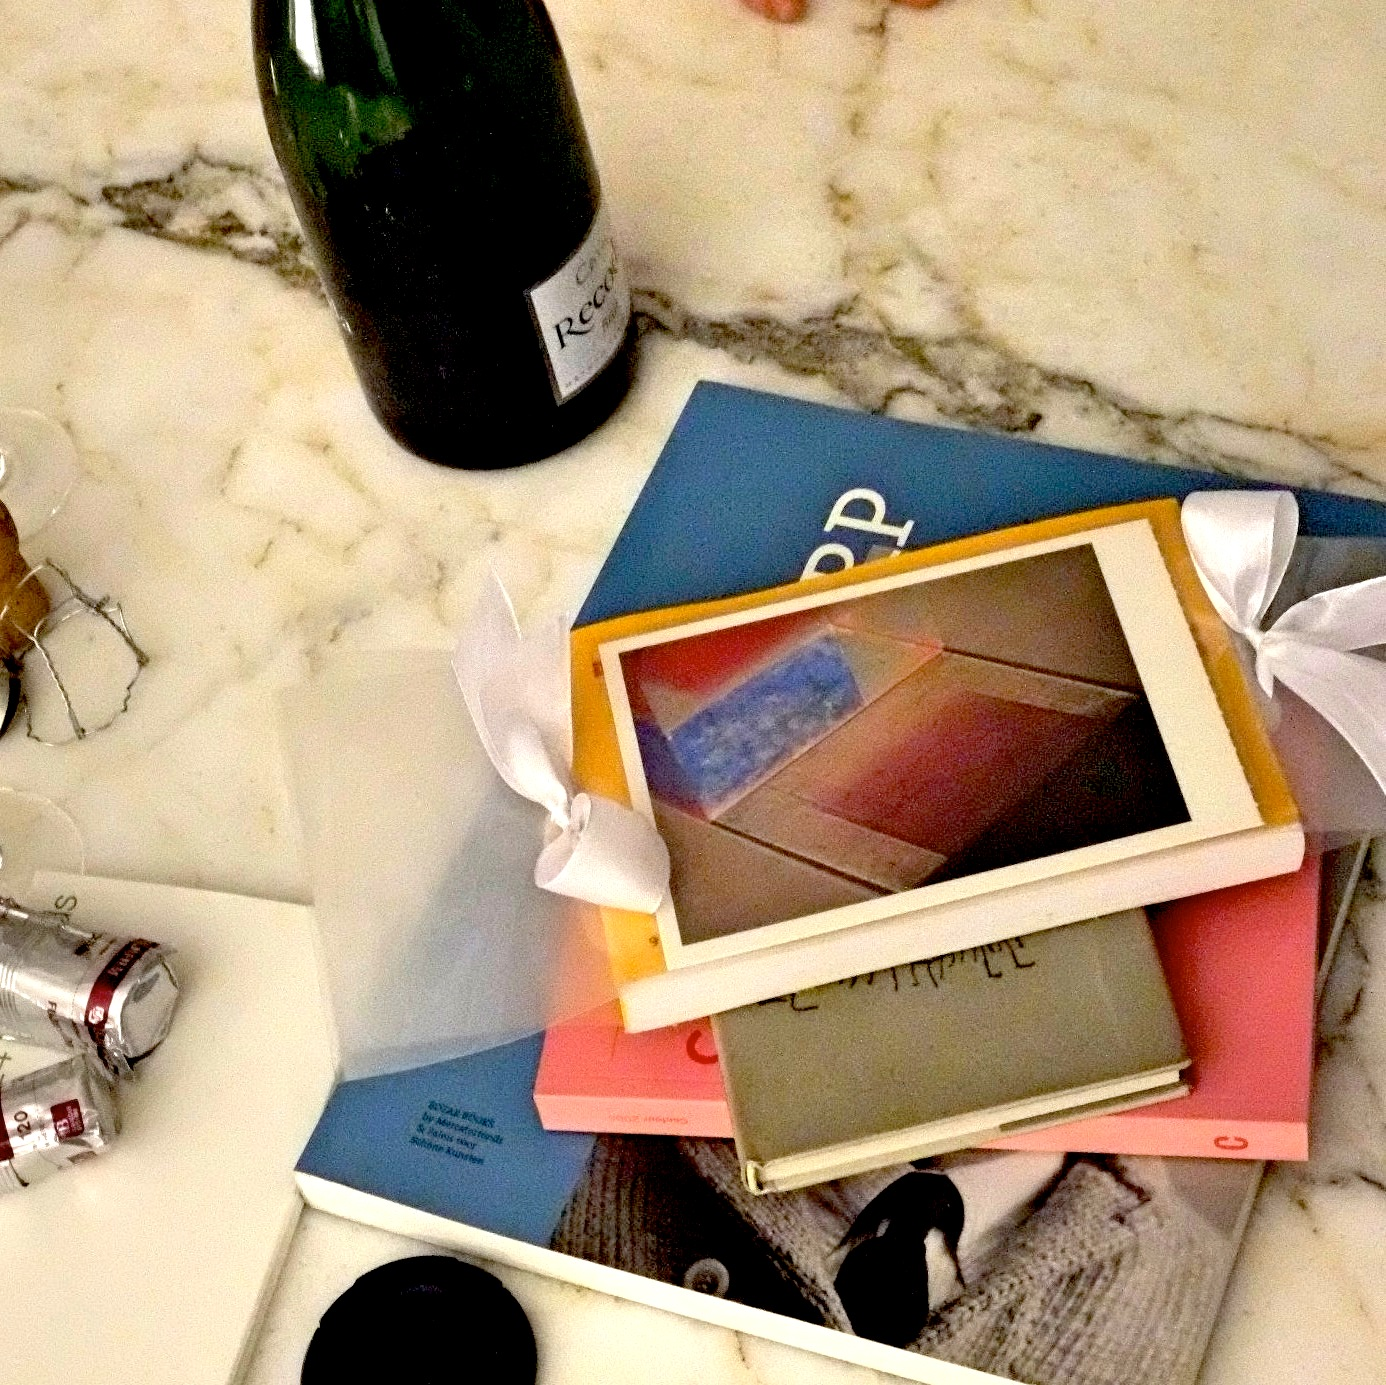 vierkant Iphone stapel boek